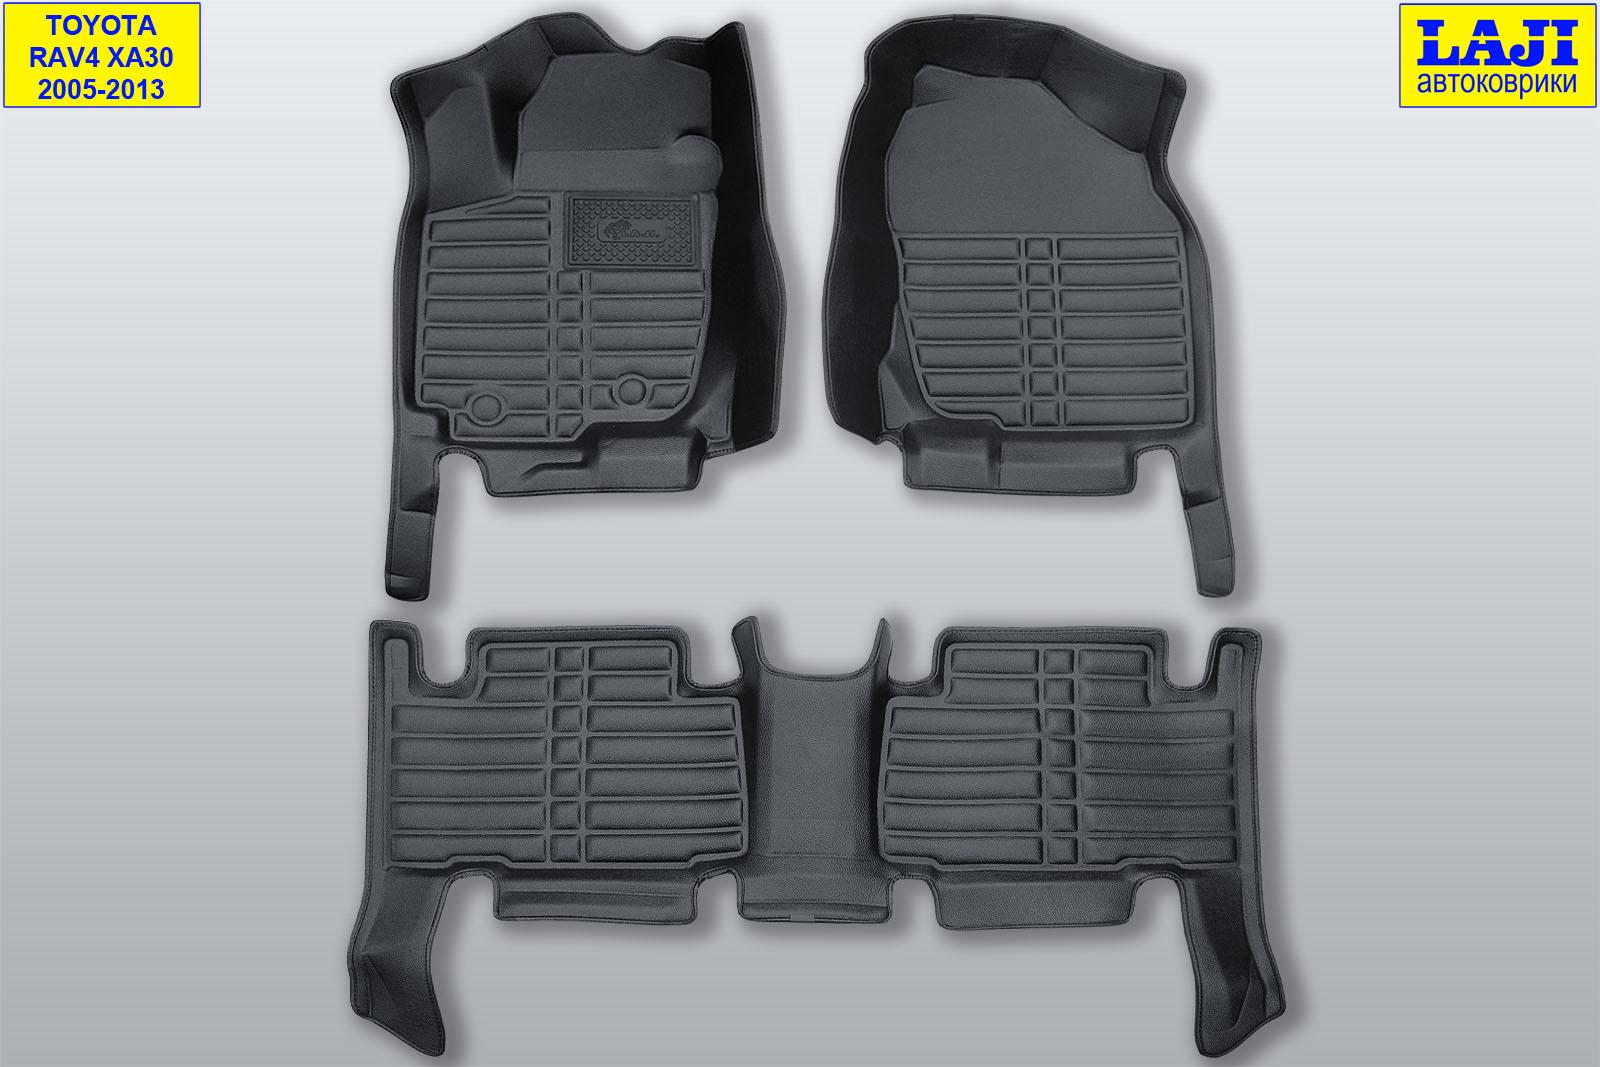 5D коврики в салон Toyota RAV4 XA30 2005-2013 1